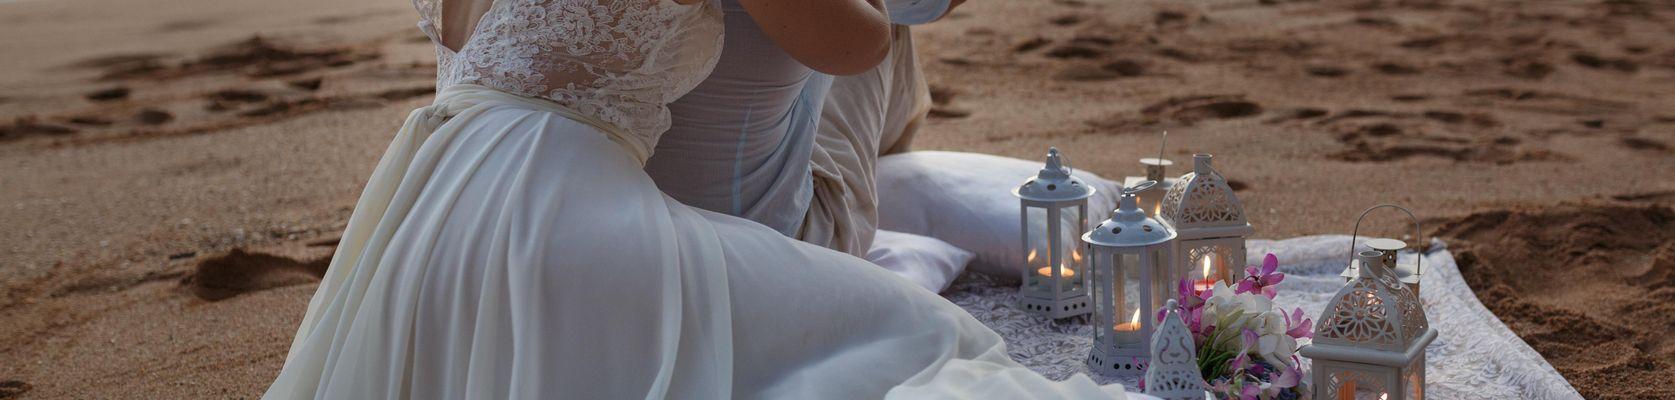 Heiraten im Ausland, Heiraten am Strand, Hochzeit im Ausland